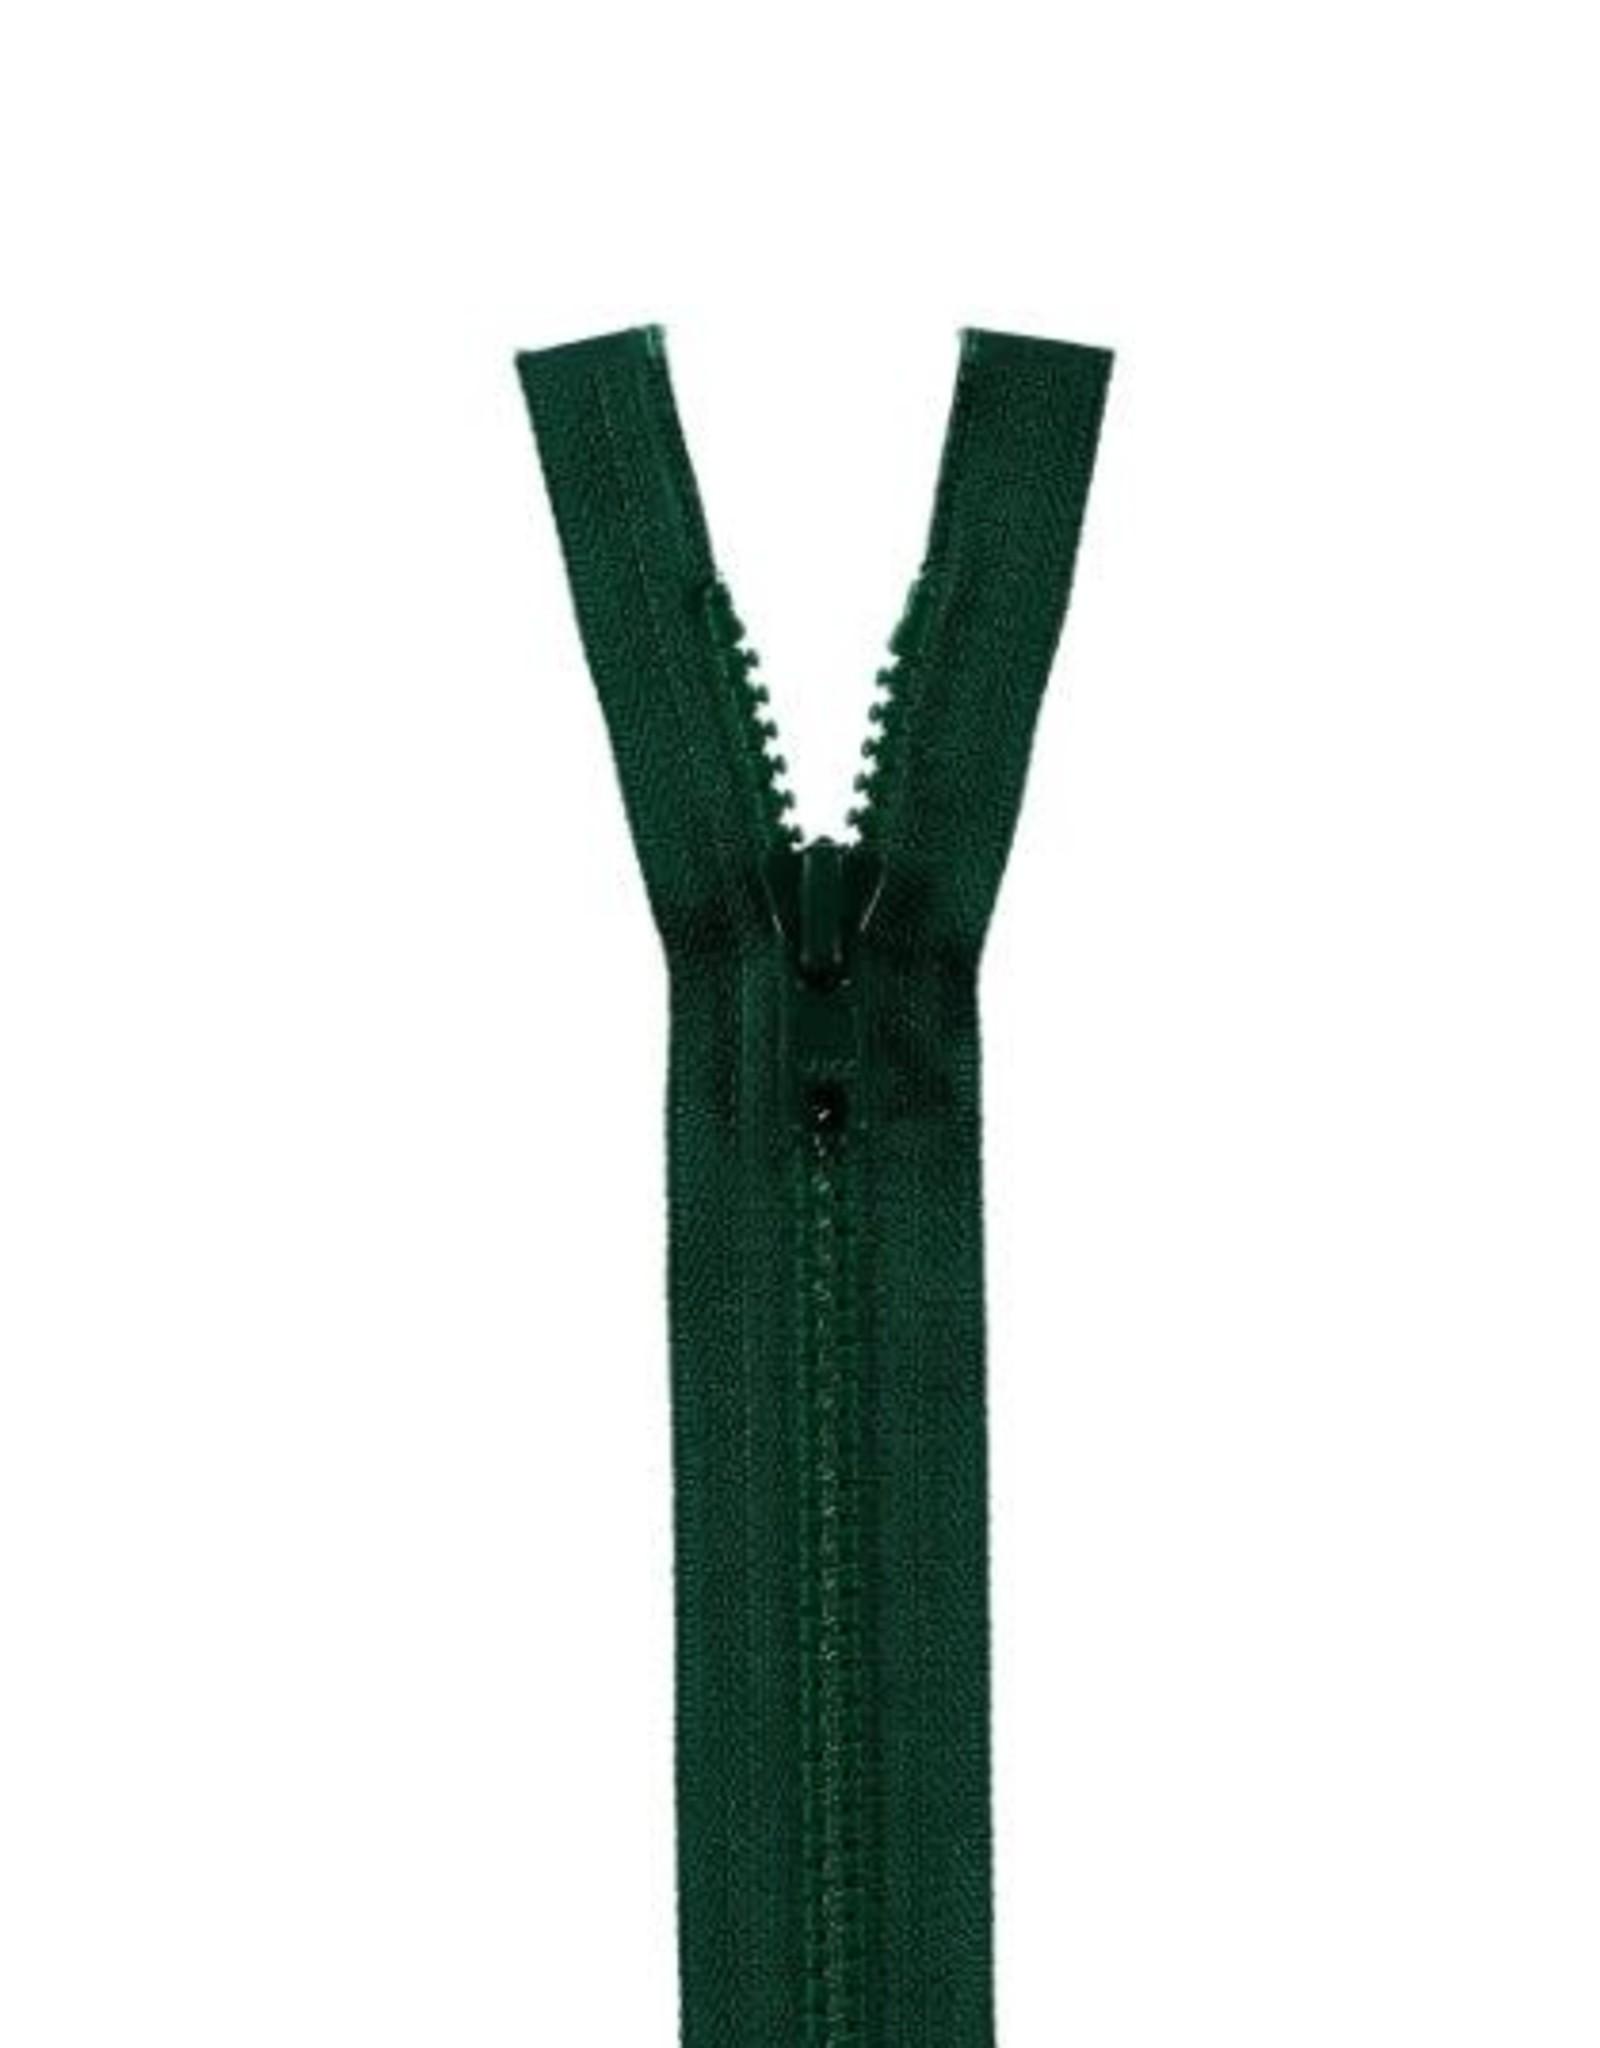 YKK BLOKRITS 5 DEELBAAR d. groen 890-60cm